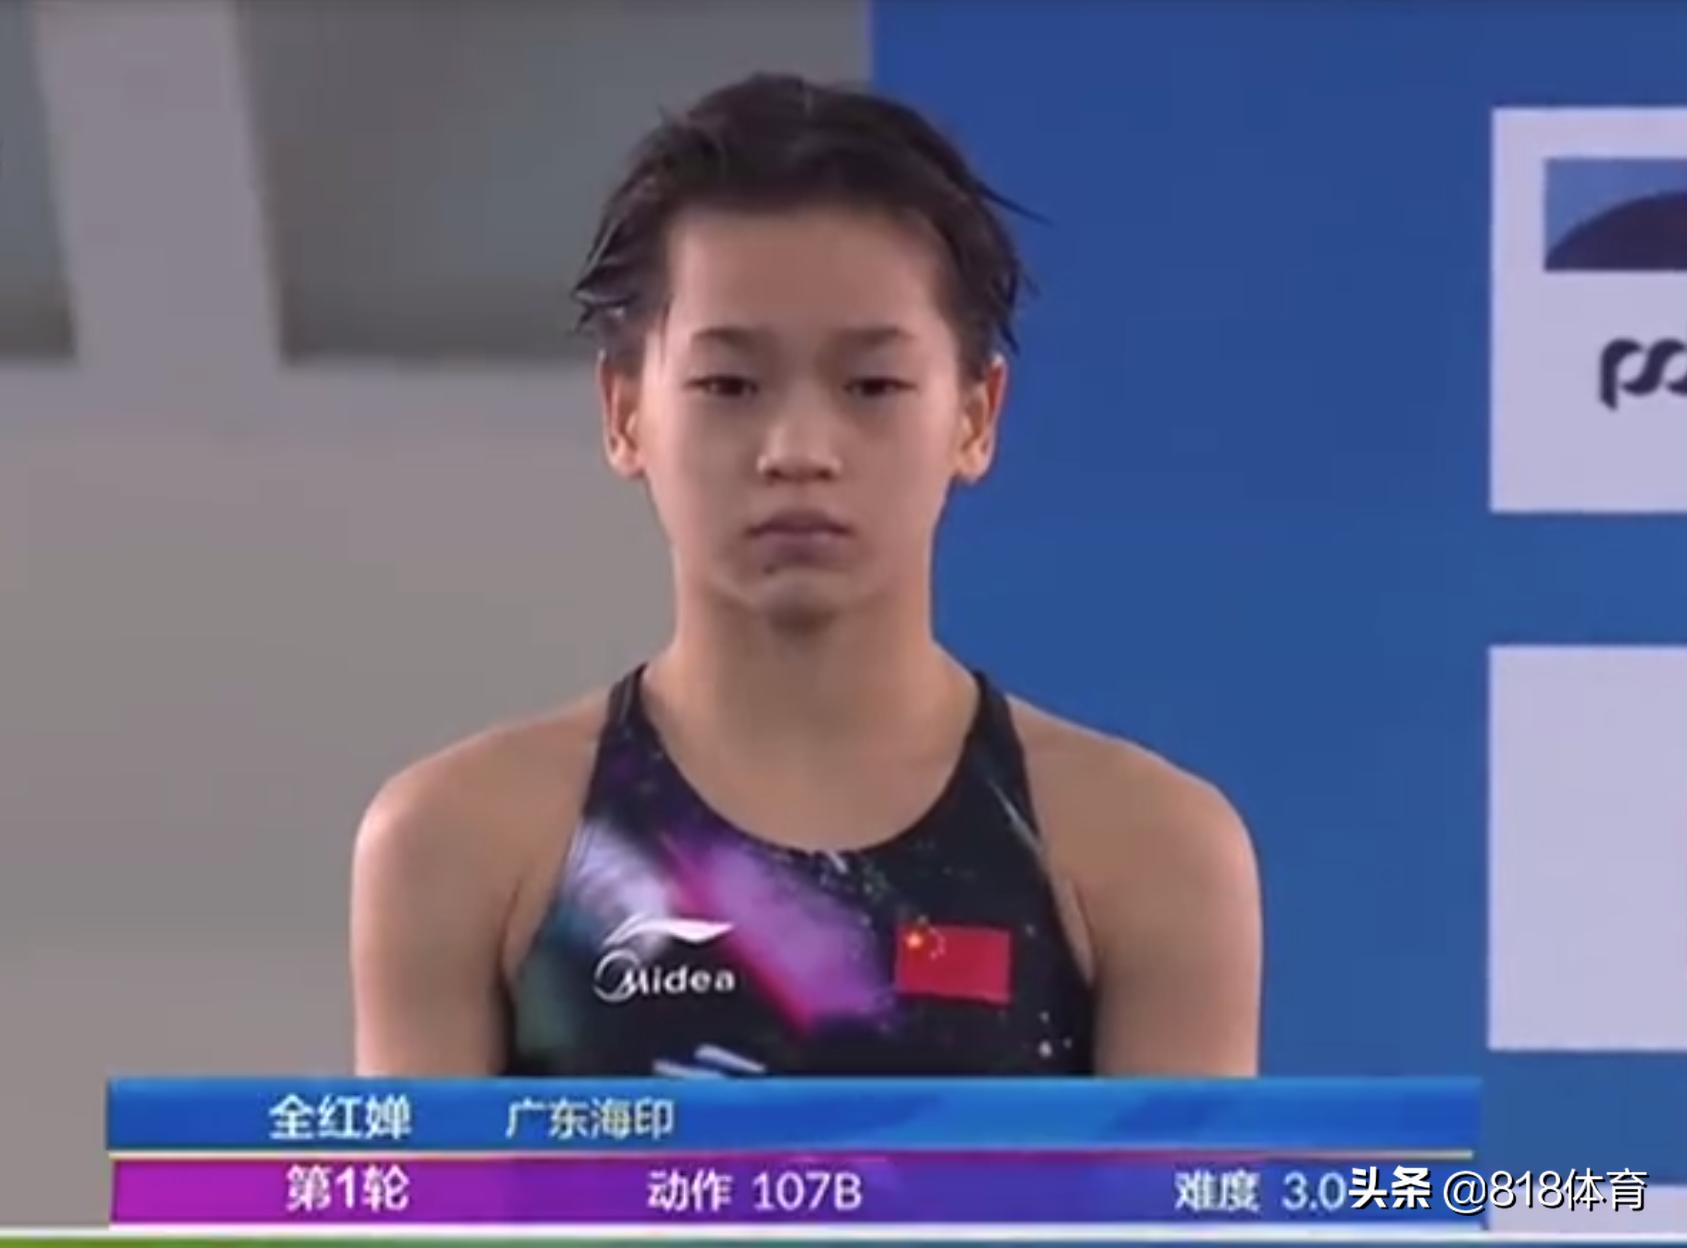 凡尔赛!全红婵教练:首次夺冠她没跳男子高难度动作 选了稳的动作